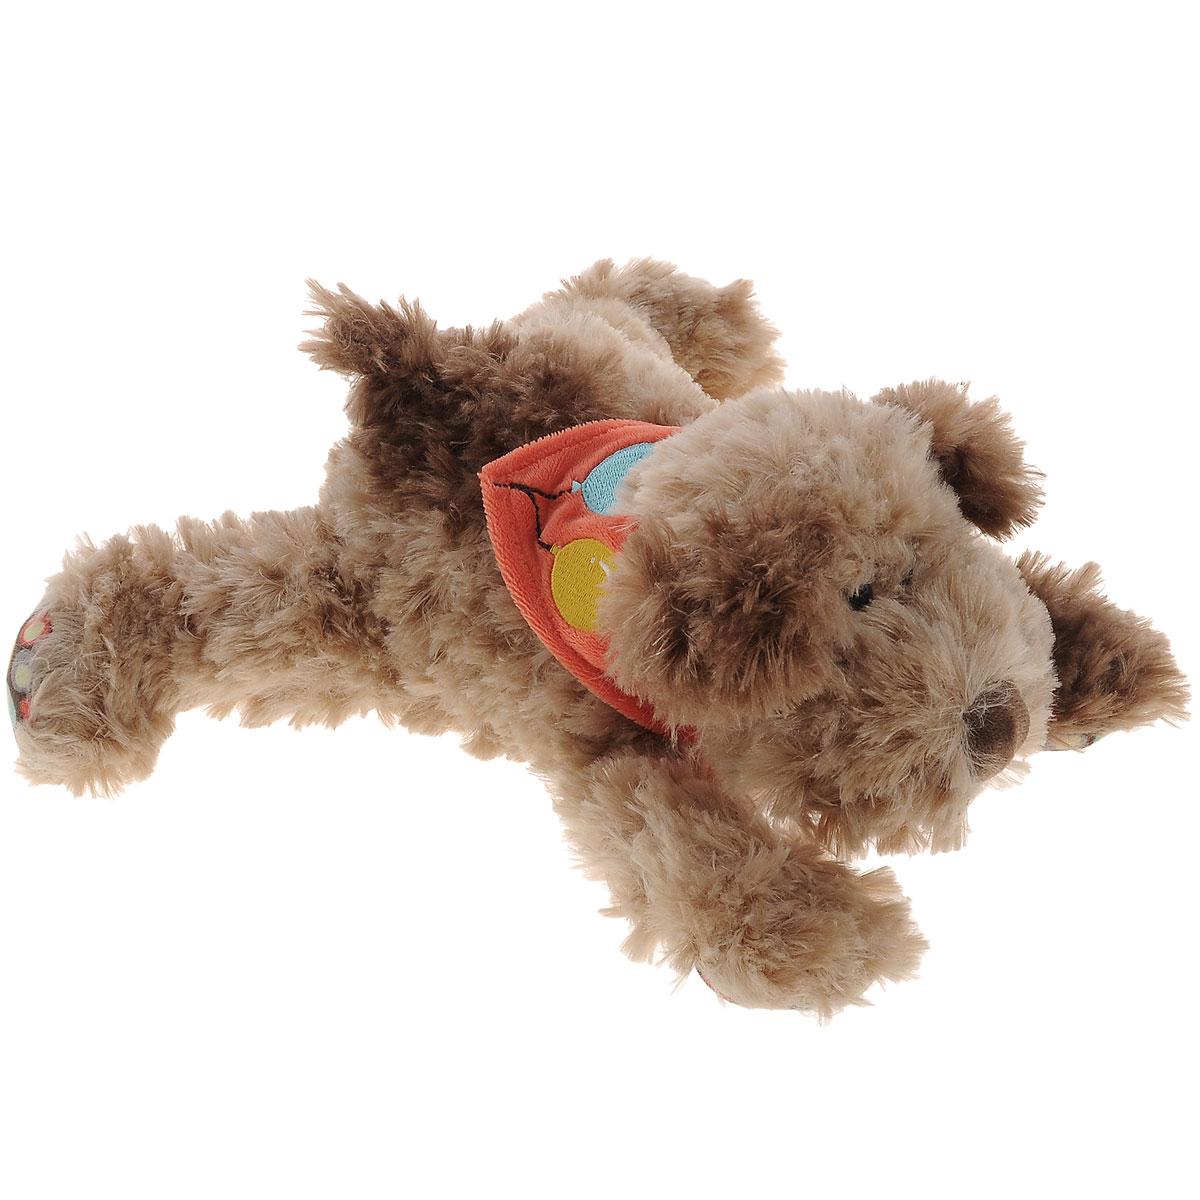 Plush Apple Мягкая игрушка Собака Кучеряшка, 27 см. K31287D мягкая игрушка plush apple собака с шарфом 28 см